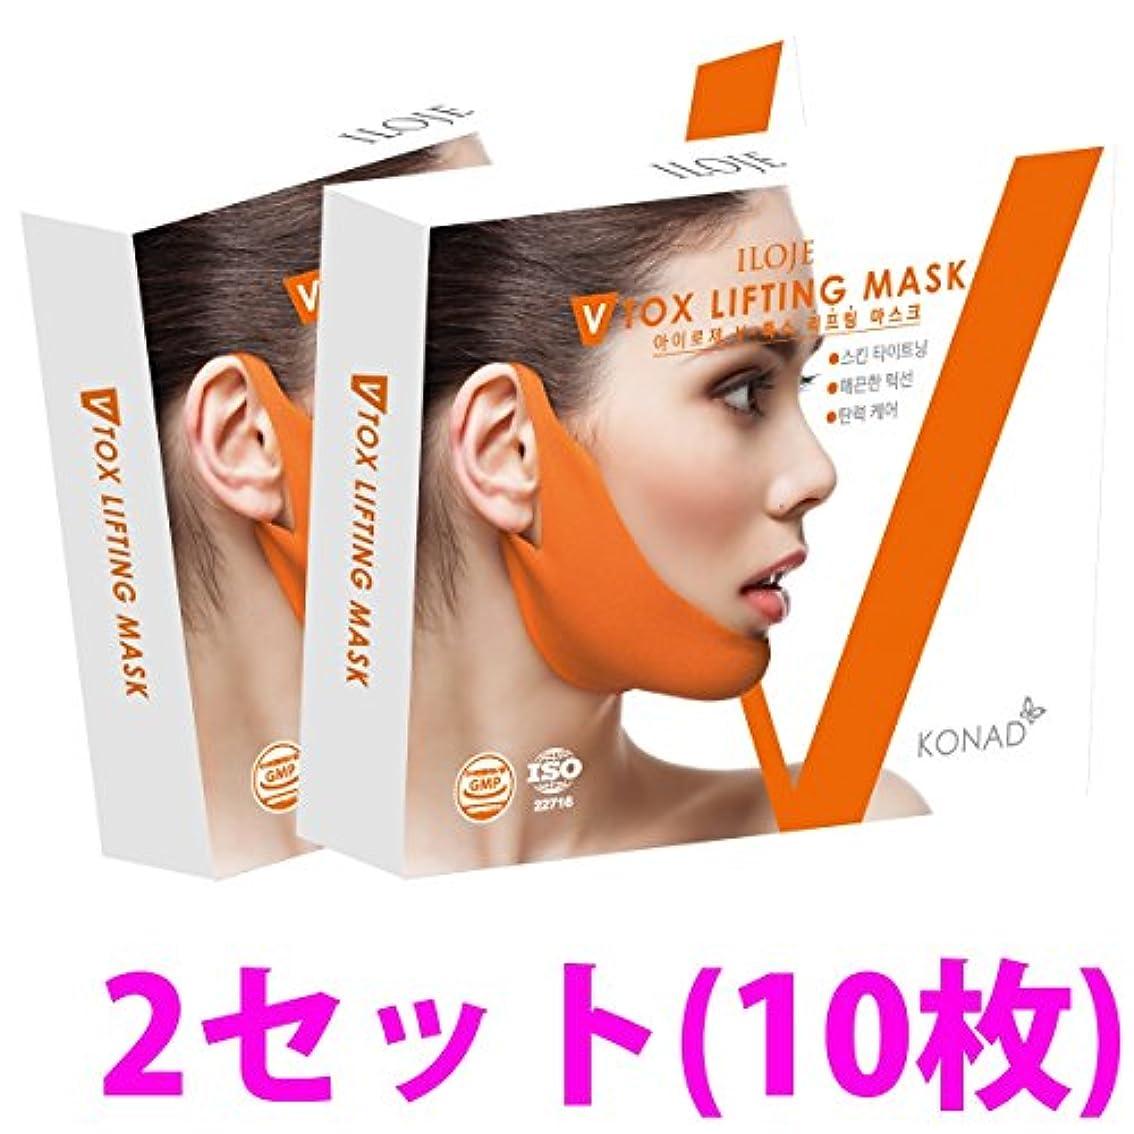 軽くプロポーショナルグレートオーク女性の年齢は顎の輪郭で決まる!V-TOXリフティングマスクパック 2セット(10枚)